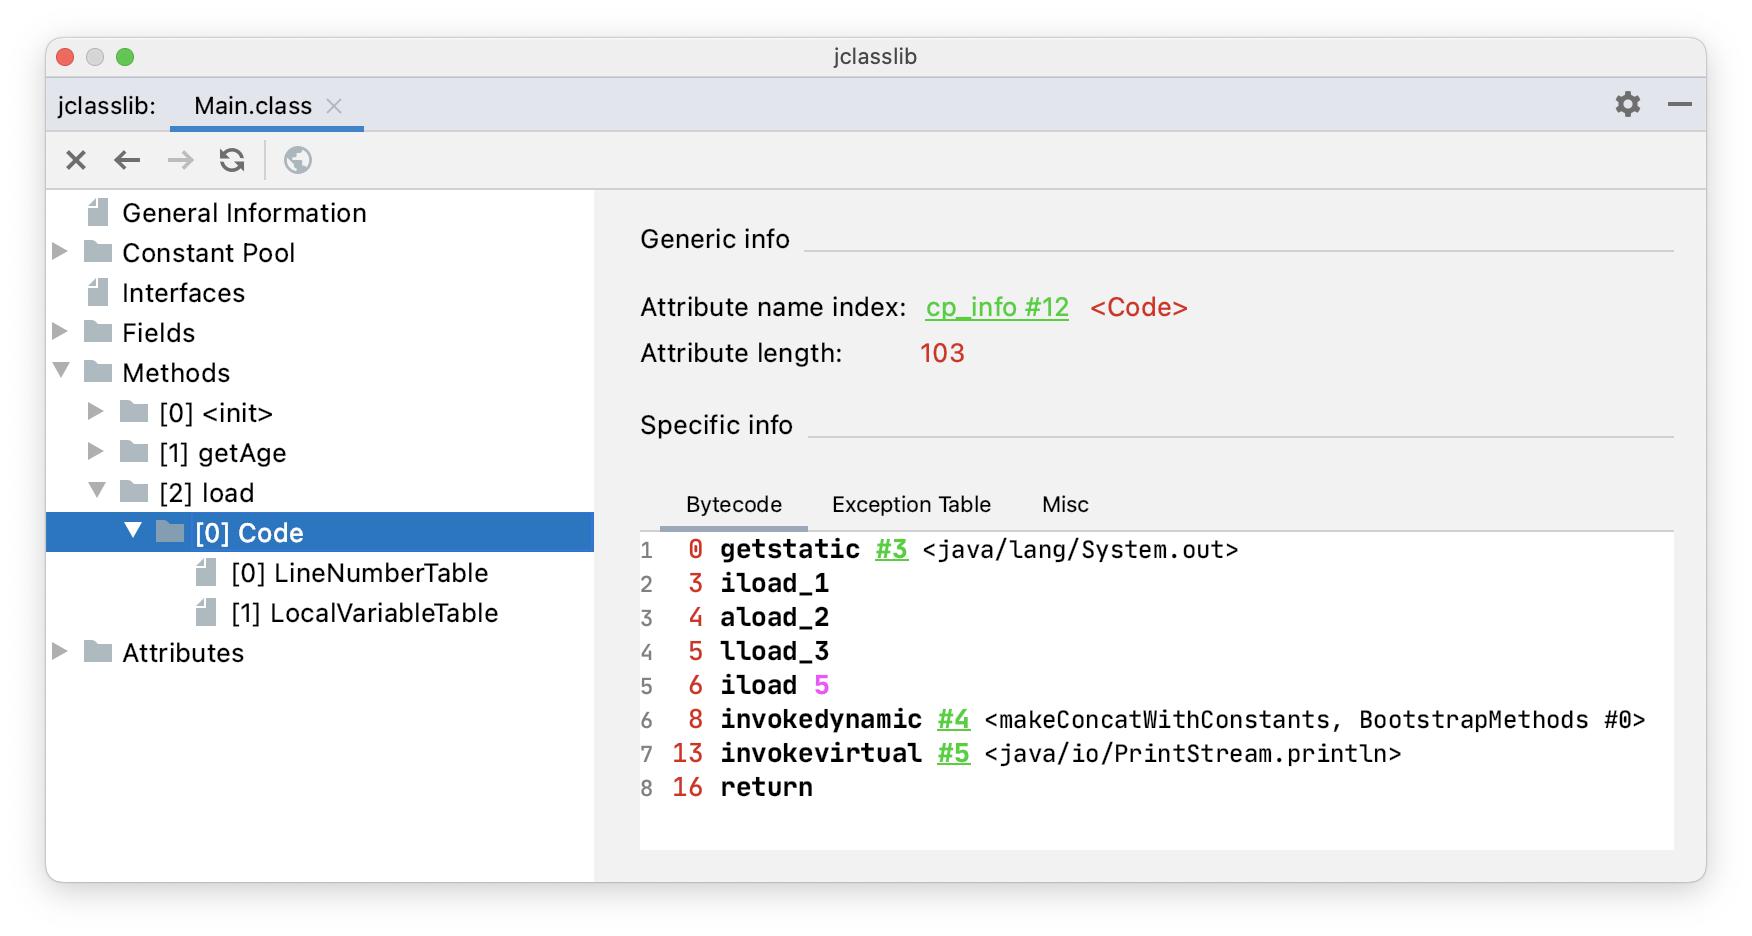 我要悄悄学习 Java 字节码指令,在成为技术大佬的路上一去不复返插图(2)